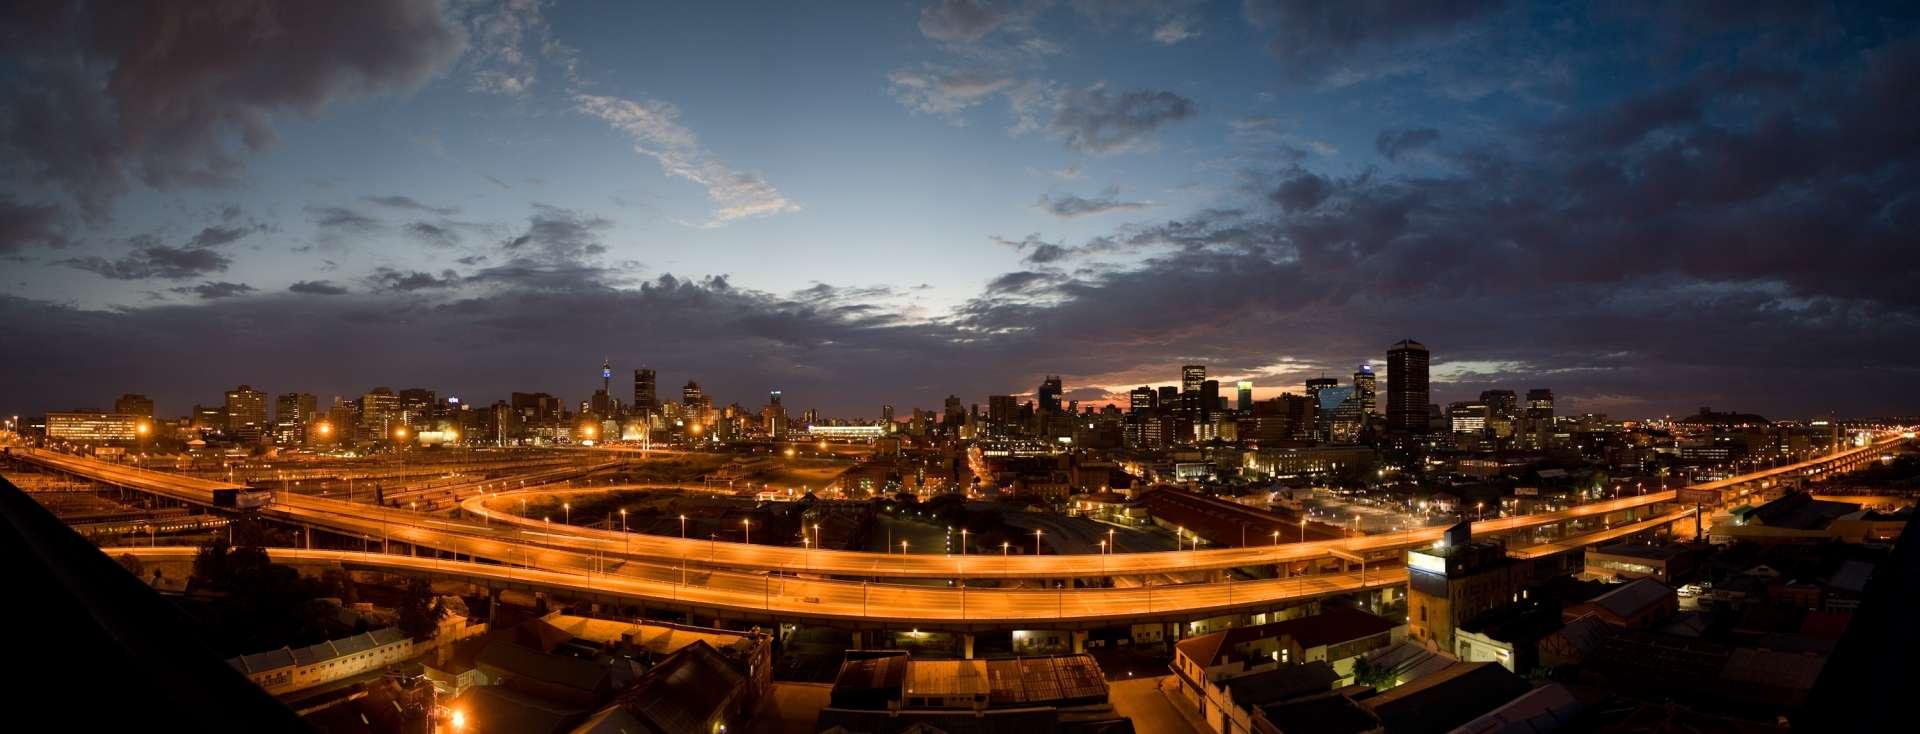 Streets of Gauteng